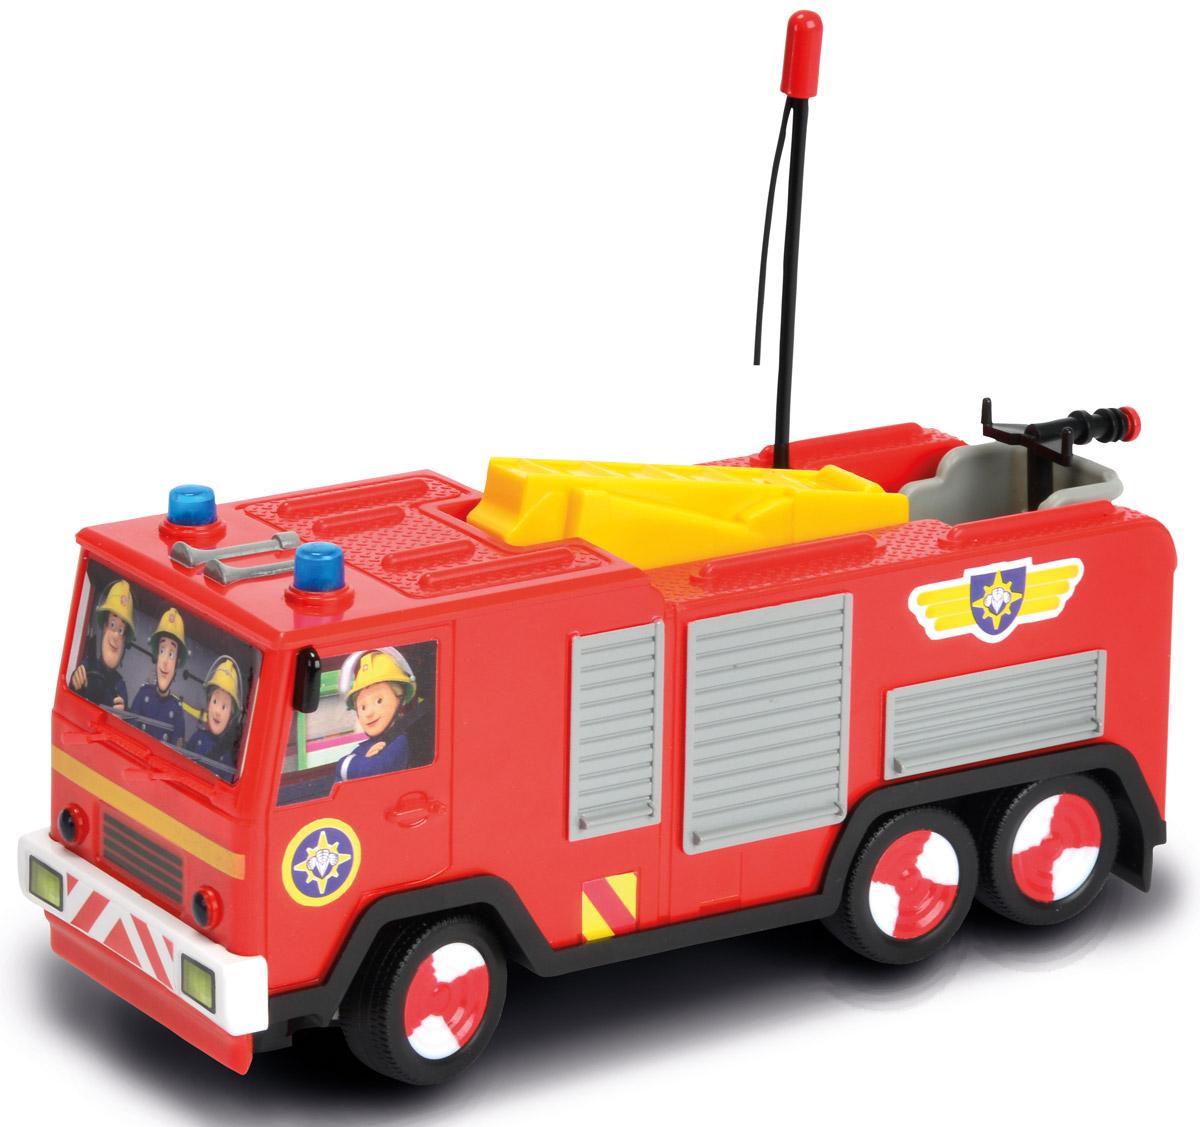 Dickie Toys Пожарная машина на радиоуправлении Turbo Jupiter3099612Пожарная машина Dickie Toys Turbo Jupiter на радиоуправлении представлена в виде транспортного средства знаменитого Пожарного Сэма, который является героем одноименного британского мультсериала. Транспорт отличается стильным и привлекательным дизайном, ярким цветом кузова и кабины. Помимо этого, нельзя не упомянуть о декоративных особенностях, которые представлены в виде наклеек. Но главным интересным элементом пожарной машины является возможность управления ею, используя специальный пульт, а также реалистичные световые эффекты. Ребенок сможет разыгрывать разнообразные сюжеты, тренируя воображение. Подарите вашему малышу возможность почувствовать себя настоящим водителем. Для работы пожарной машины необходимо купить 3 батарейки напряжением 1,5V типа АА (не входят в комплект). Для работы пульта управления необходимо купить 3 батарейки напряжением 1,5V типа AАА (не входят в комплект). Пульт управления работает на частоте 27 MHz.